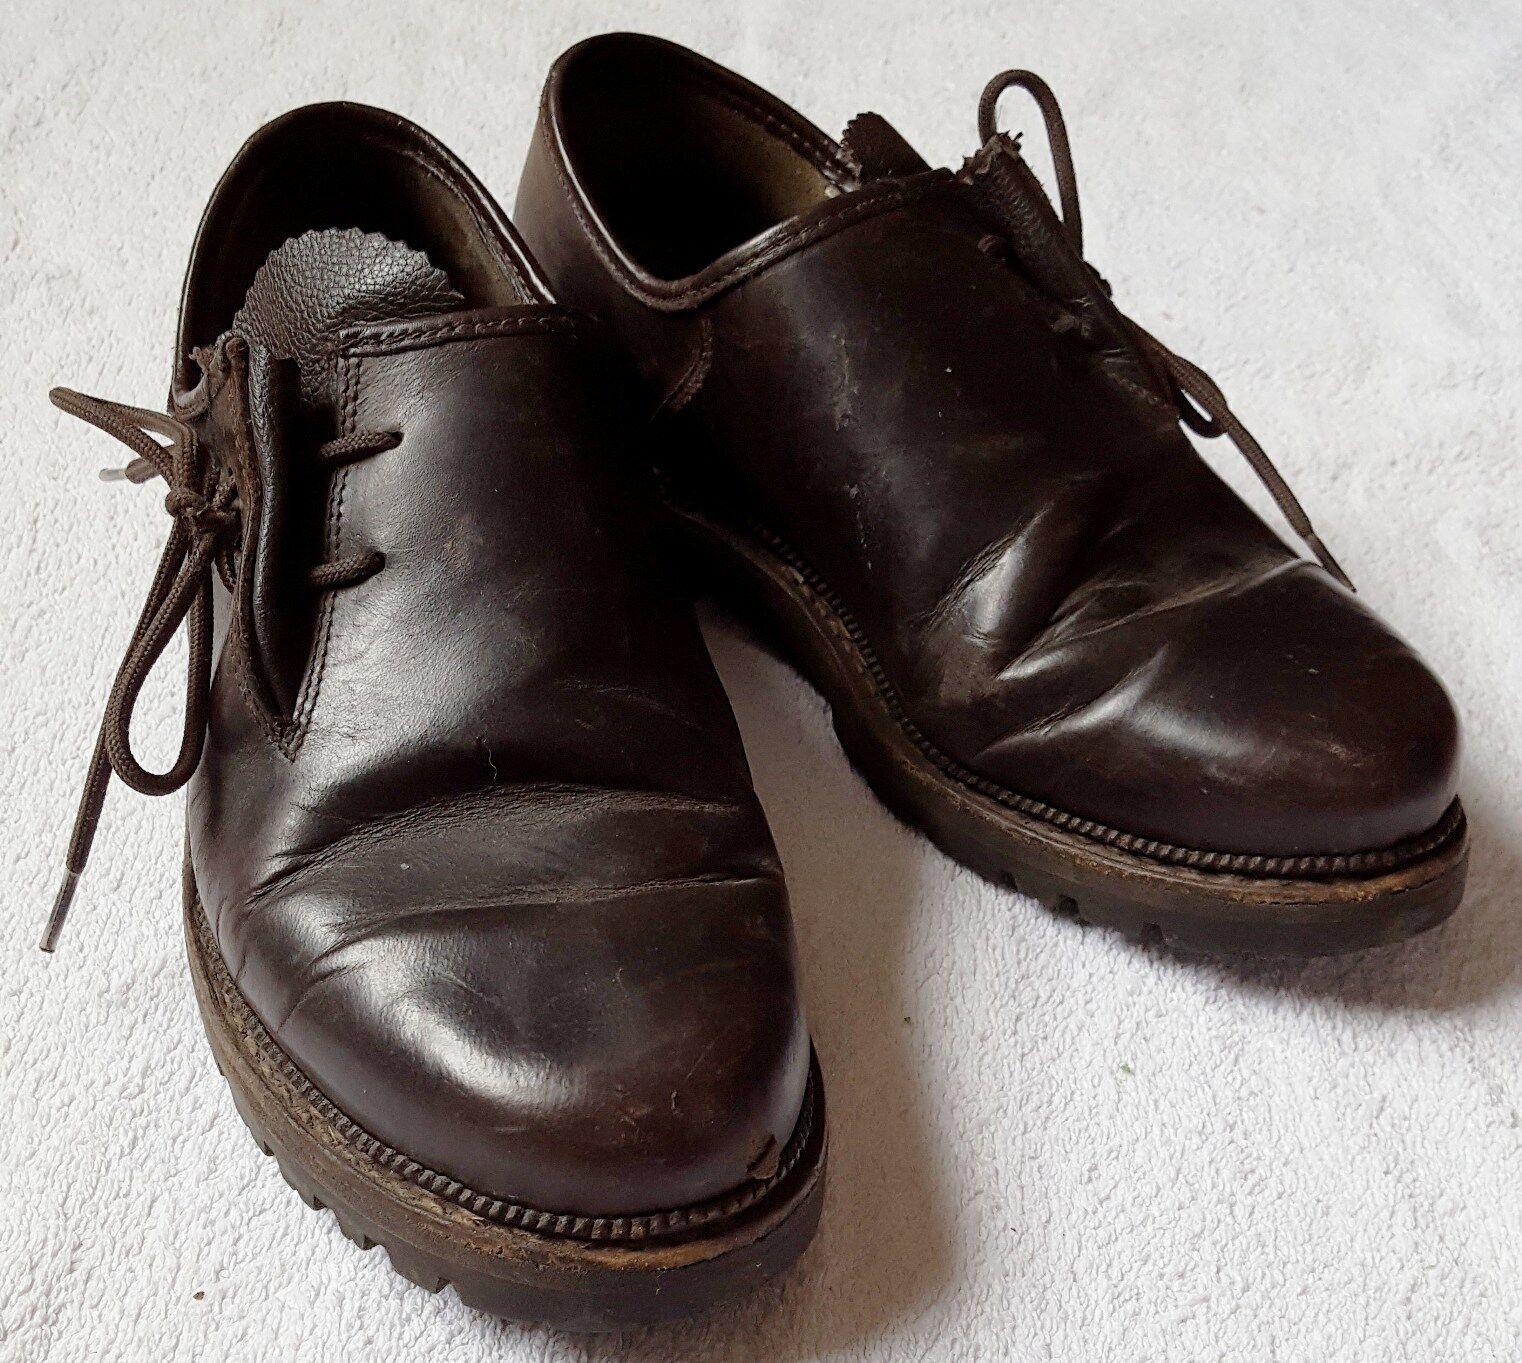 Meindl zapato bajo haferlschuhe Trachten zapatos casual zapatos talla: 39 marrón oscuro